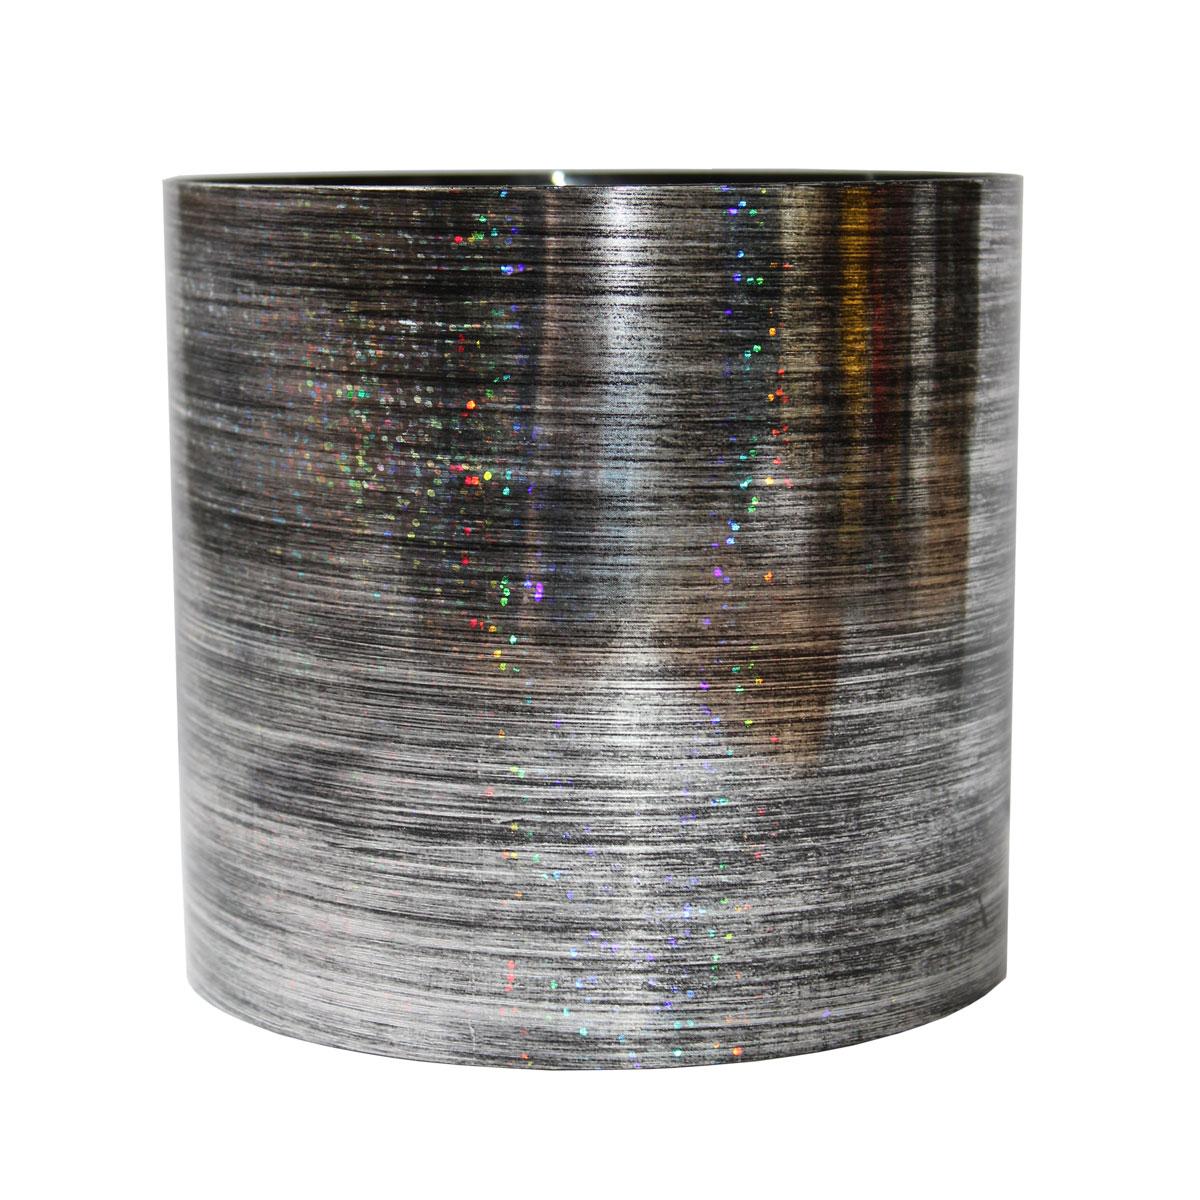 Горшок для цветов Miolla Серебро, со скрытым поддоном, 1 лSMG-43Горшок для цветов Miolla Серебро со скрытым поддоном выполнен из пластика. Диаметр горшка: 11,5 см. Высота горшка (с учетом поддона): 11,5 см. Объем горшка: 1 л.